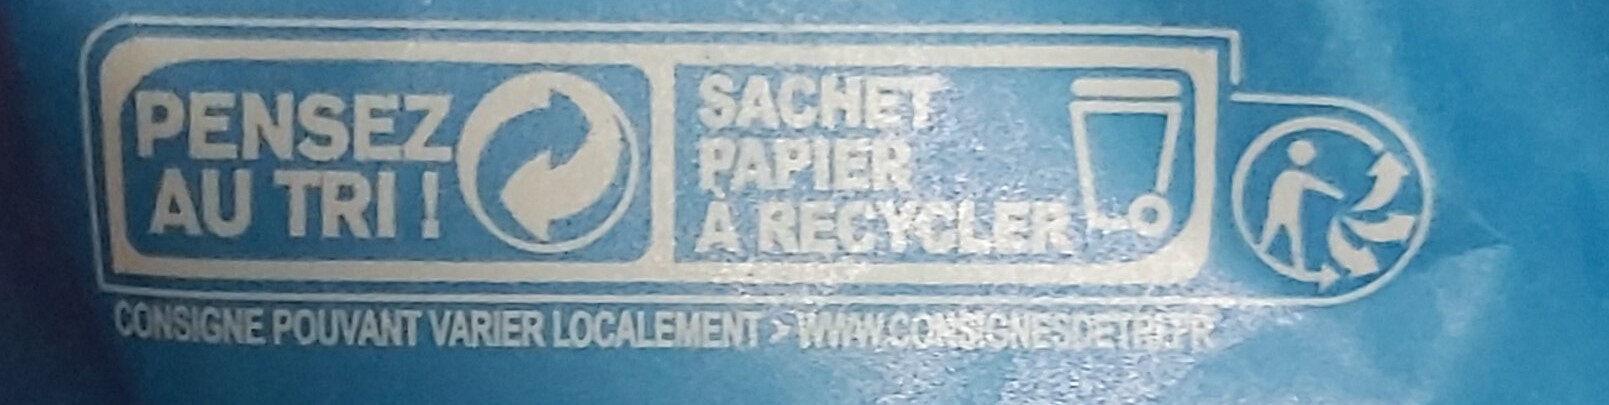 Weizenmehl Type 405 - Istruzioni per il riciclaggio e/o informazioni sull'imballaggio - en